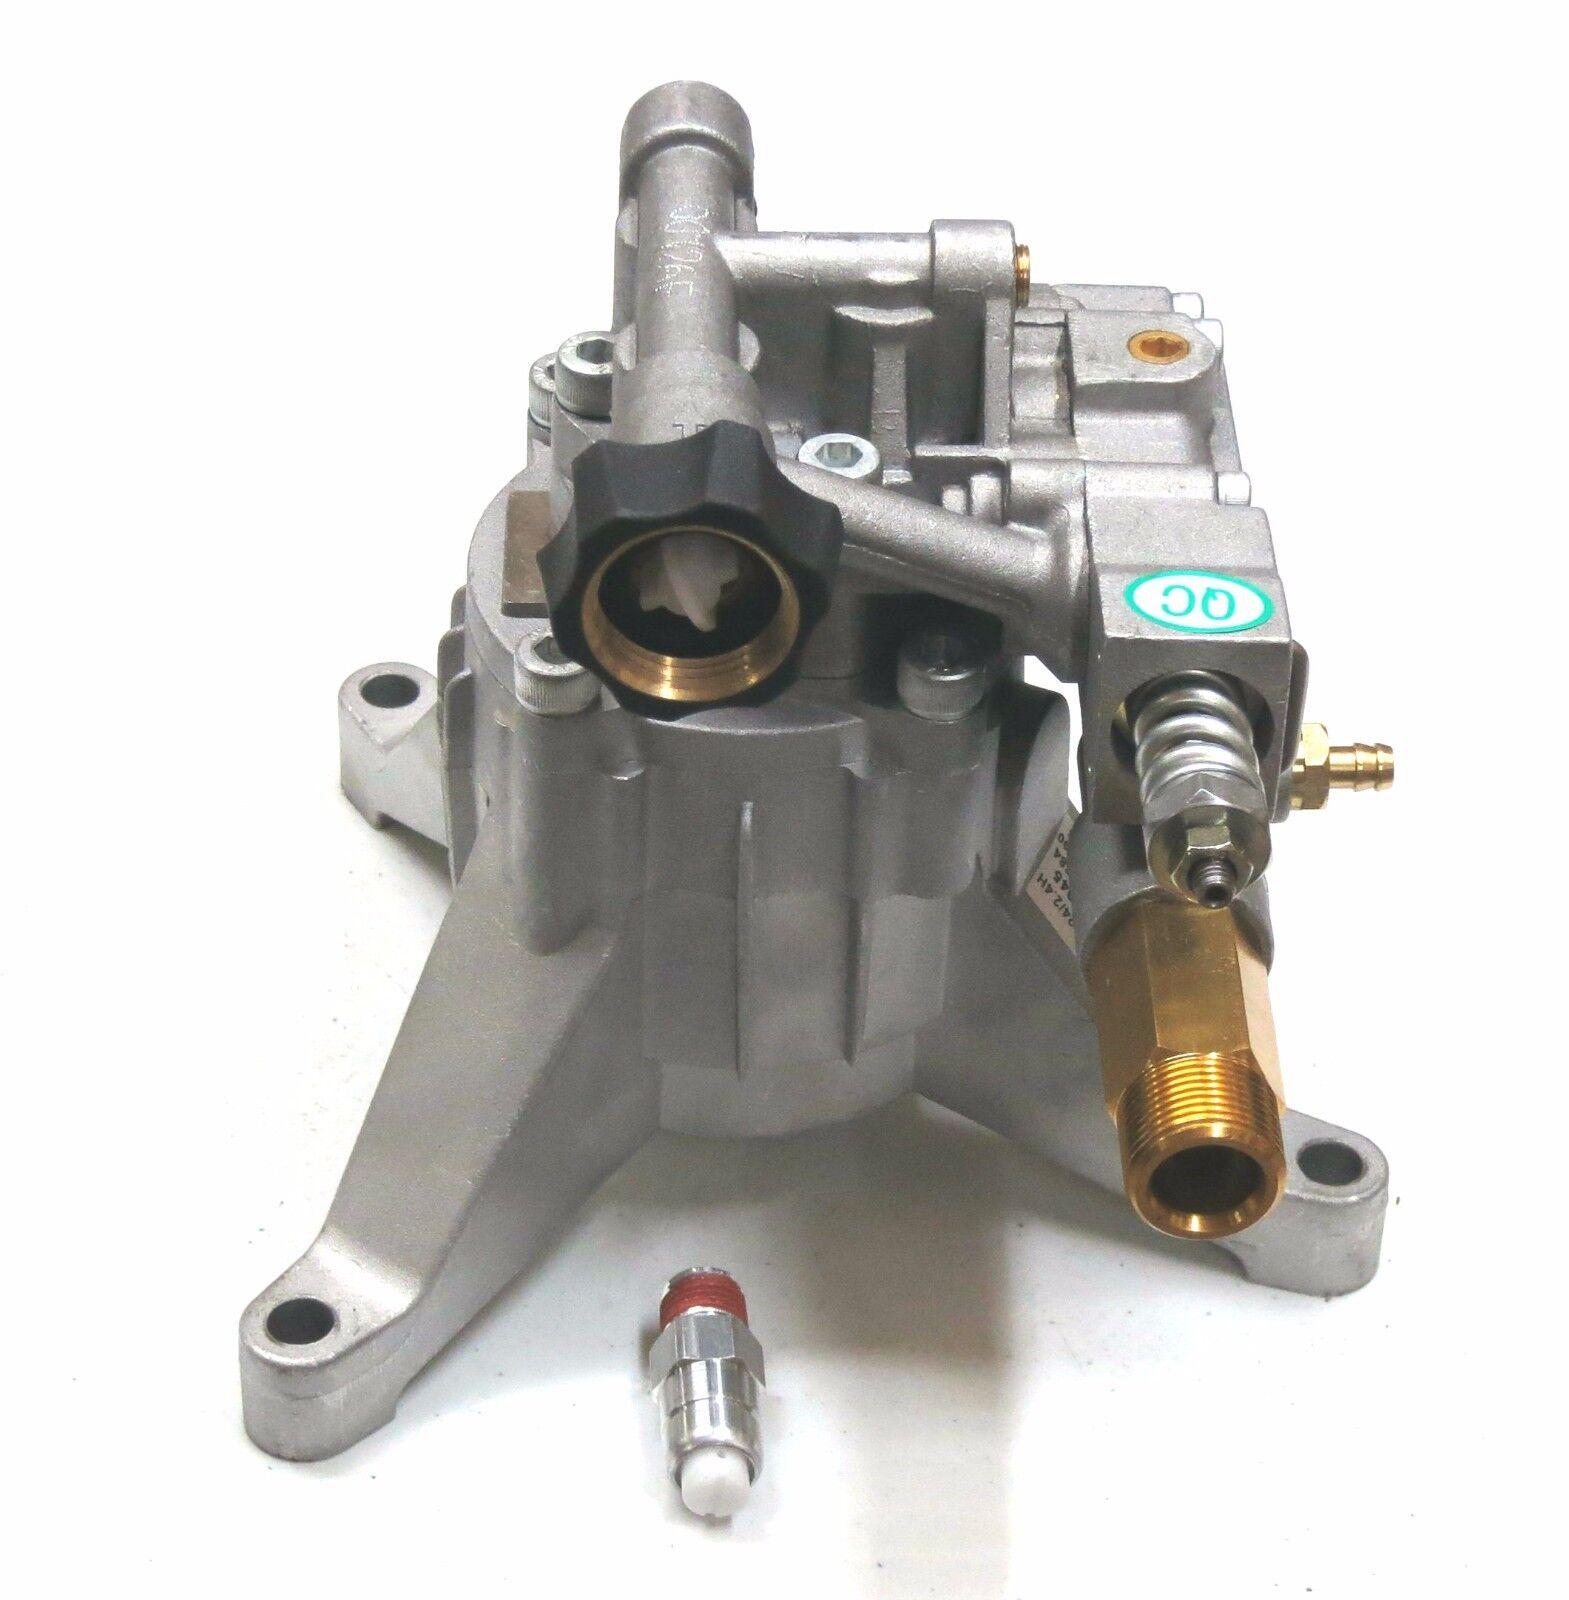 Power Pressure Washer Water Pump Amp Spray Kit Troy Bilt